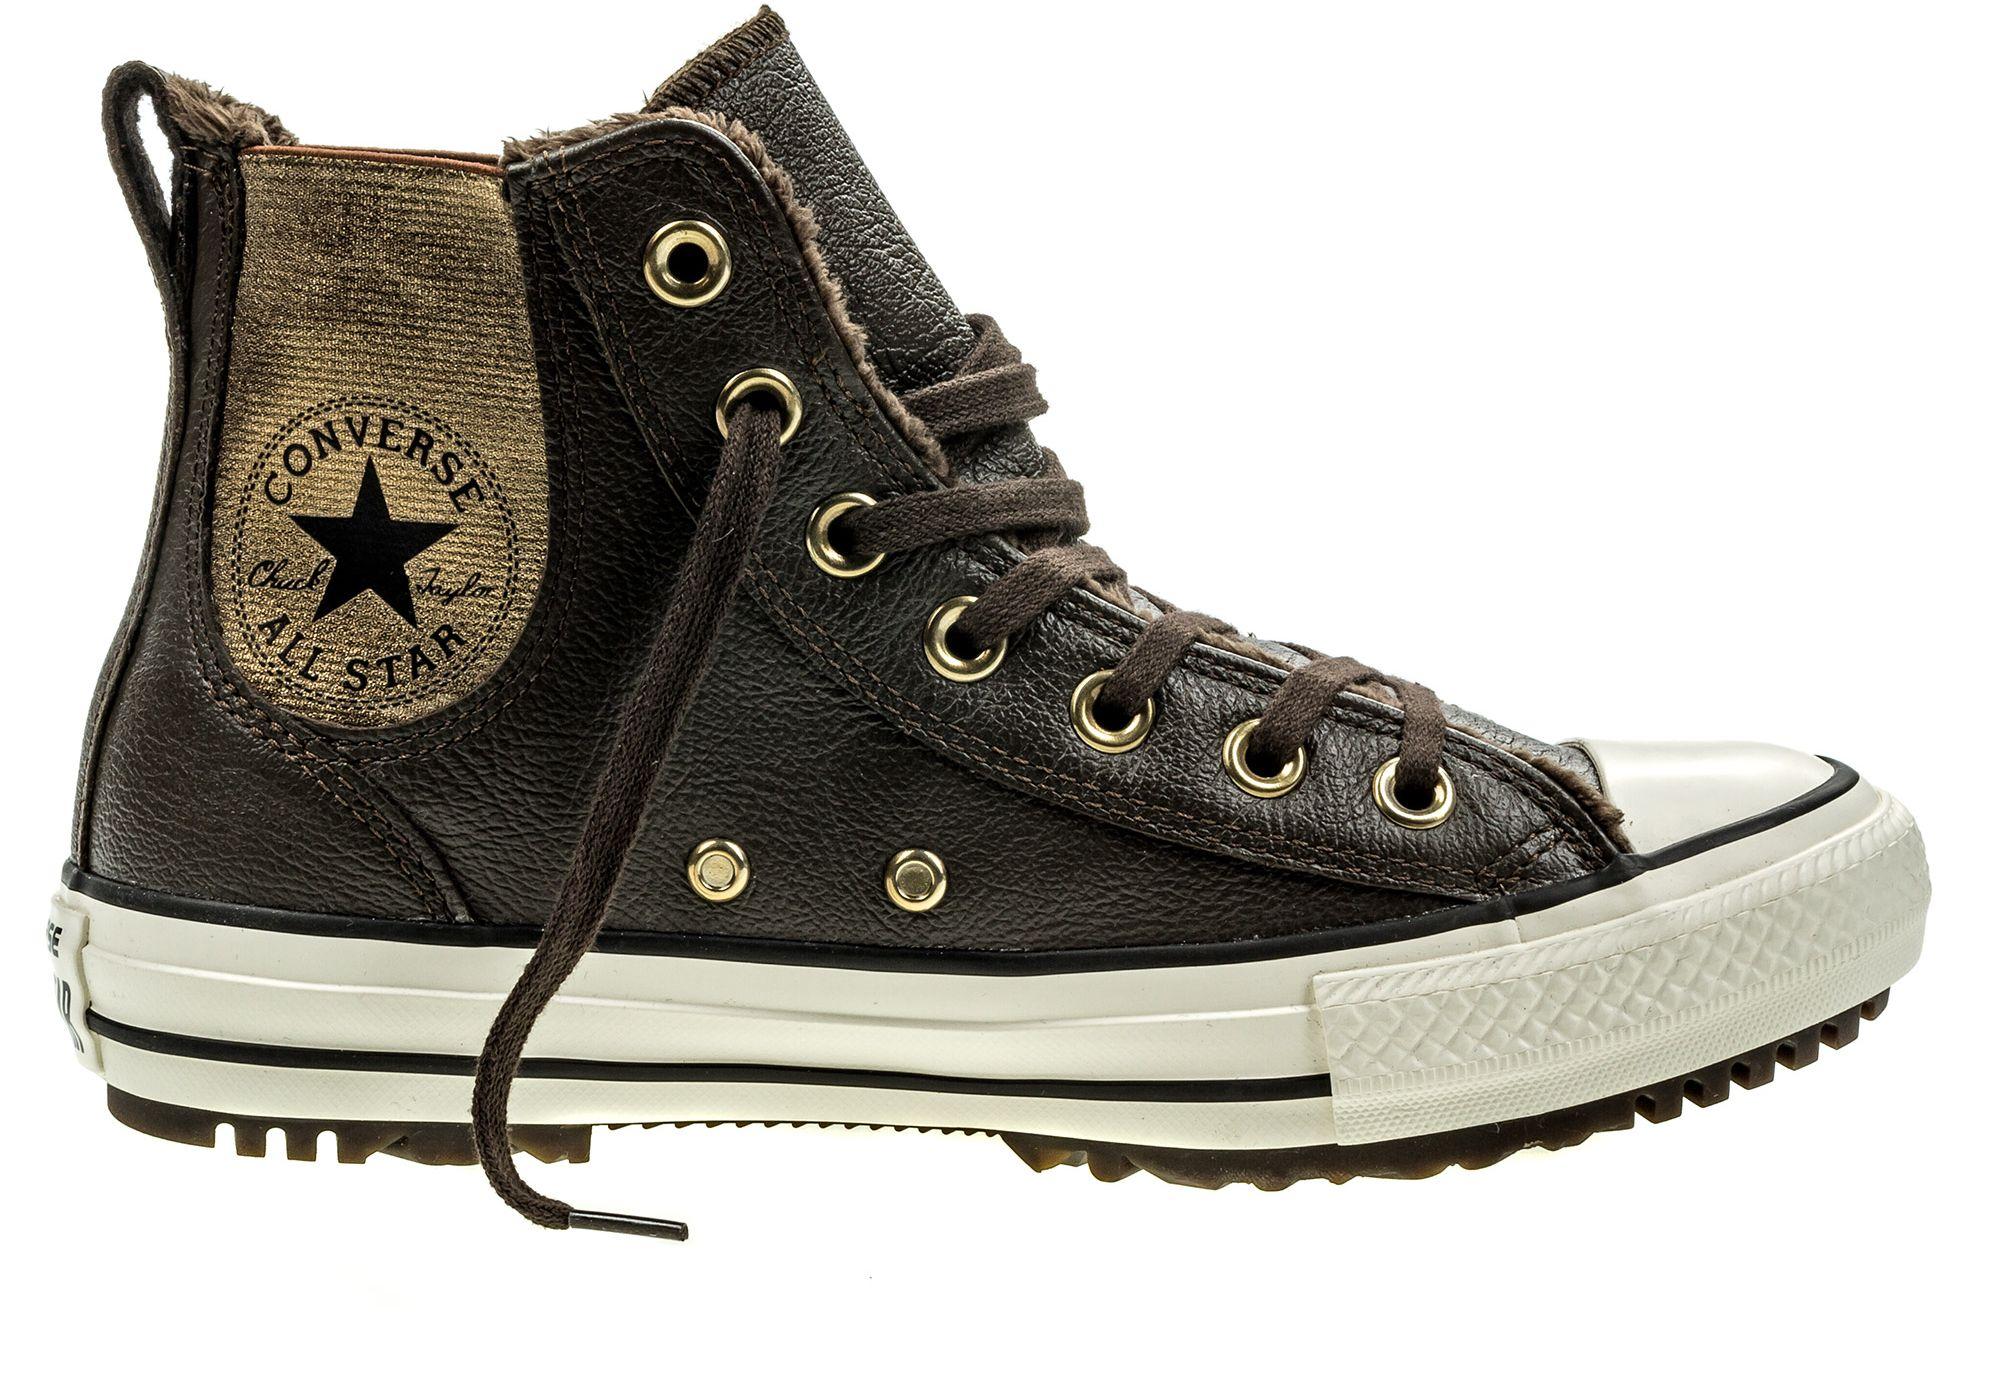 Кеды553391Модные женские кеды Chuck Taylor All Star Chelsea Boot Leather + Fur от Converse выполнены из натуральной кожи. По бокам модель дополнена эластичными вставками. Мыс модели защищен прорезиненной вставкой. Внутренняя поверхность и стелька из искусственного меха не дадут ногам замерзнуть. Шнуровка надежно зафиксирует модель на ноге. Подошва дополнена рифлением.